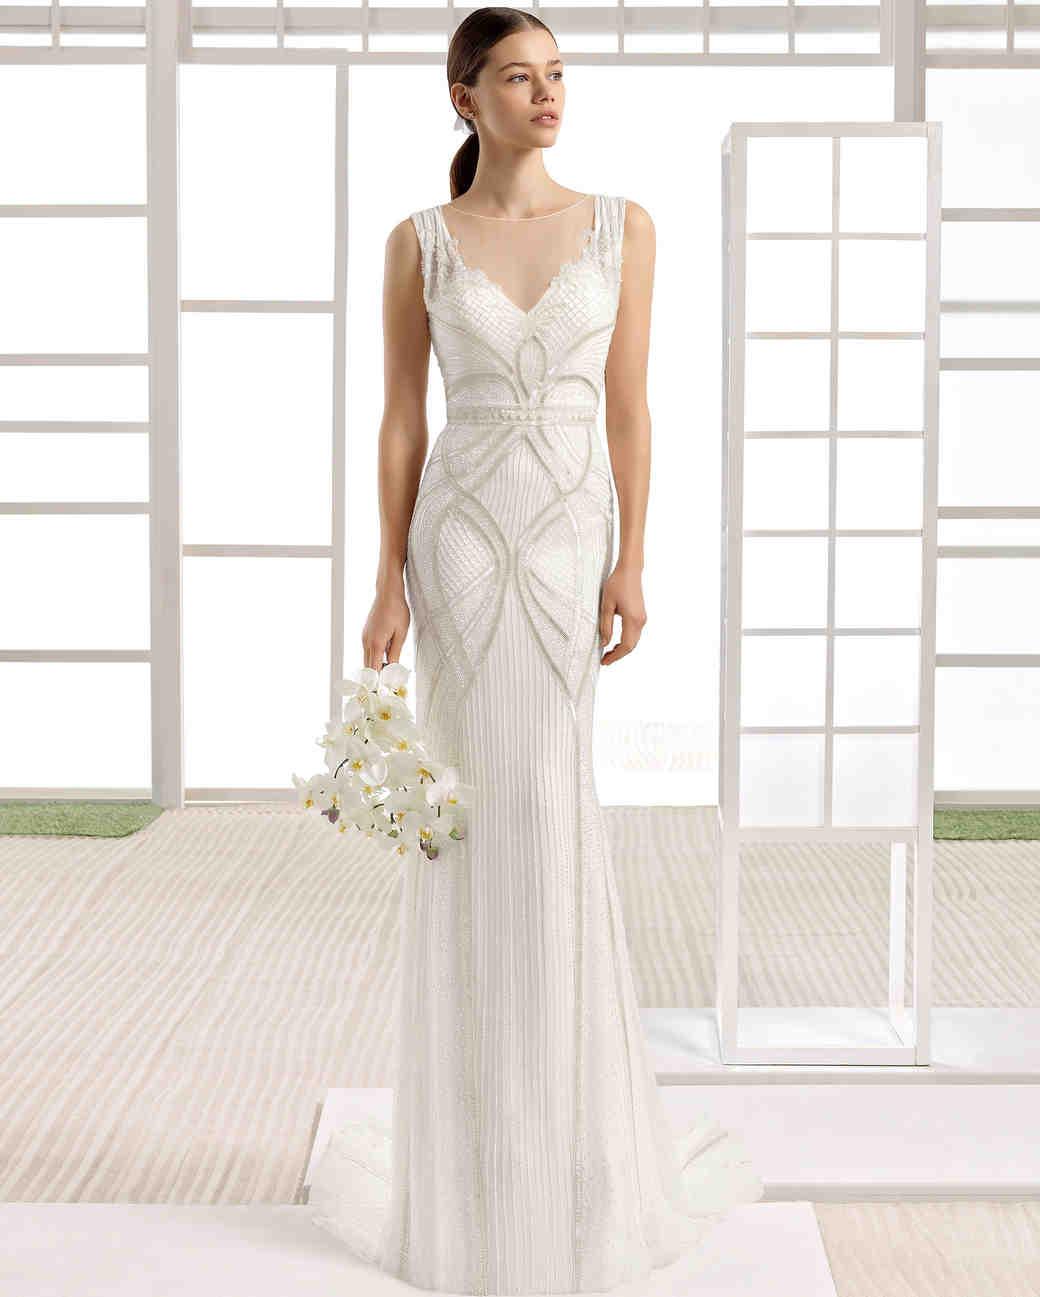 Rosa Clará Fall 2017 Wedding Dress Collection | Martha Stewart Weddings